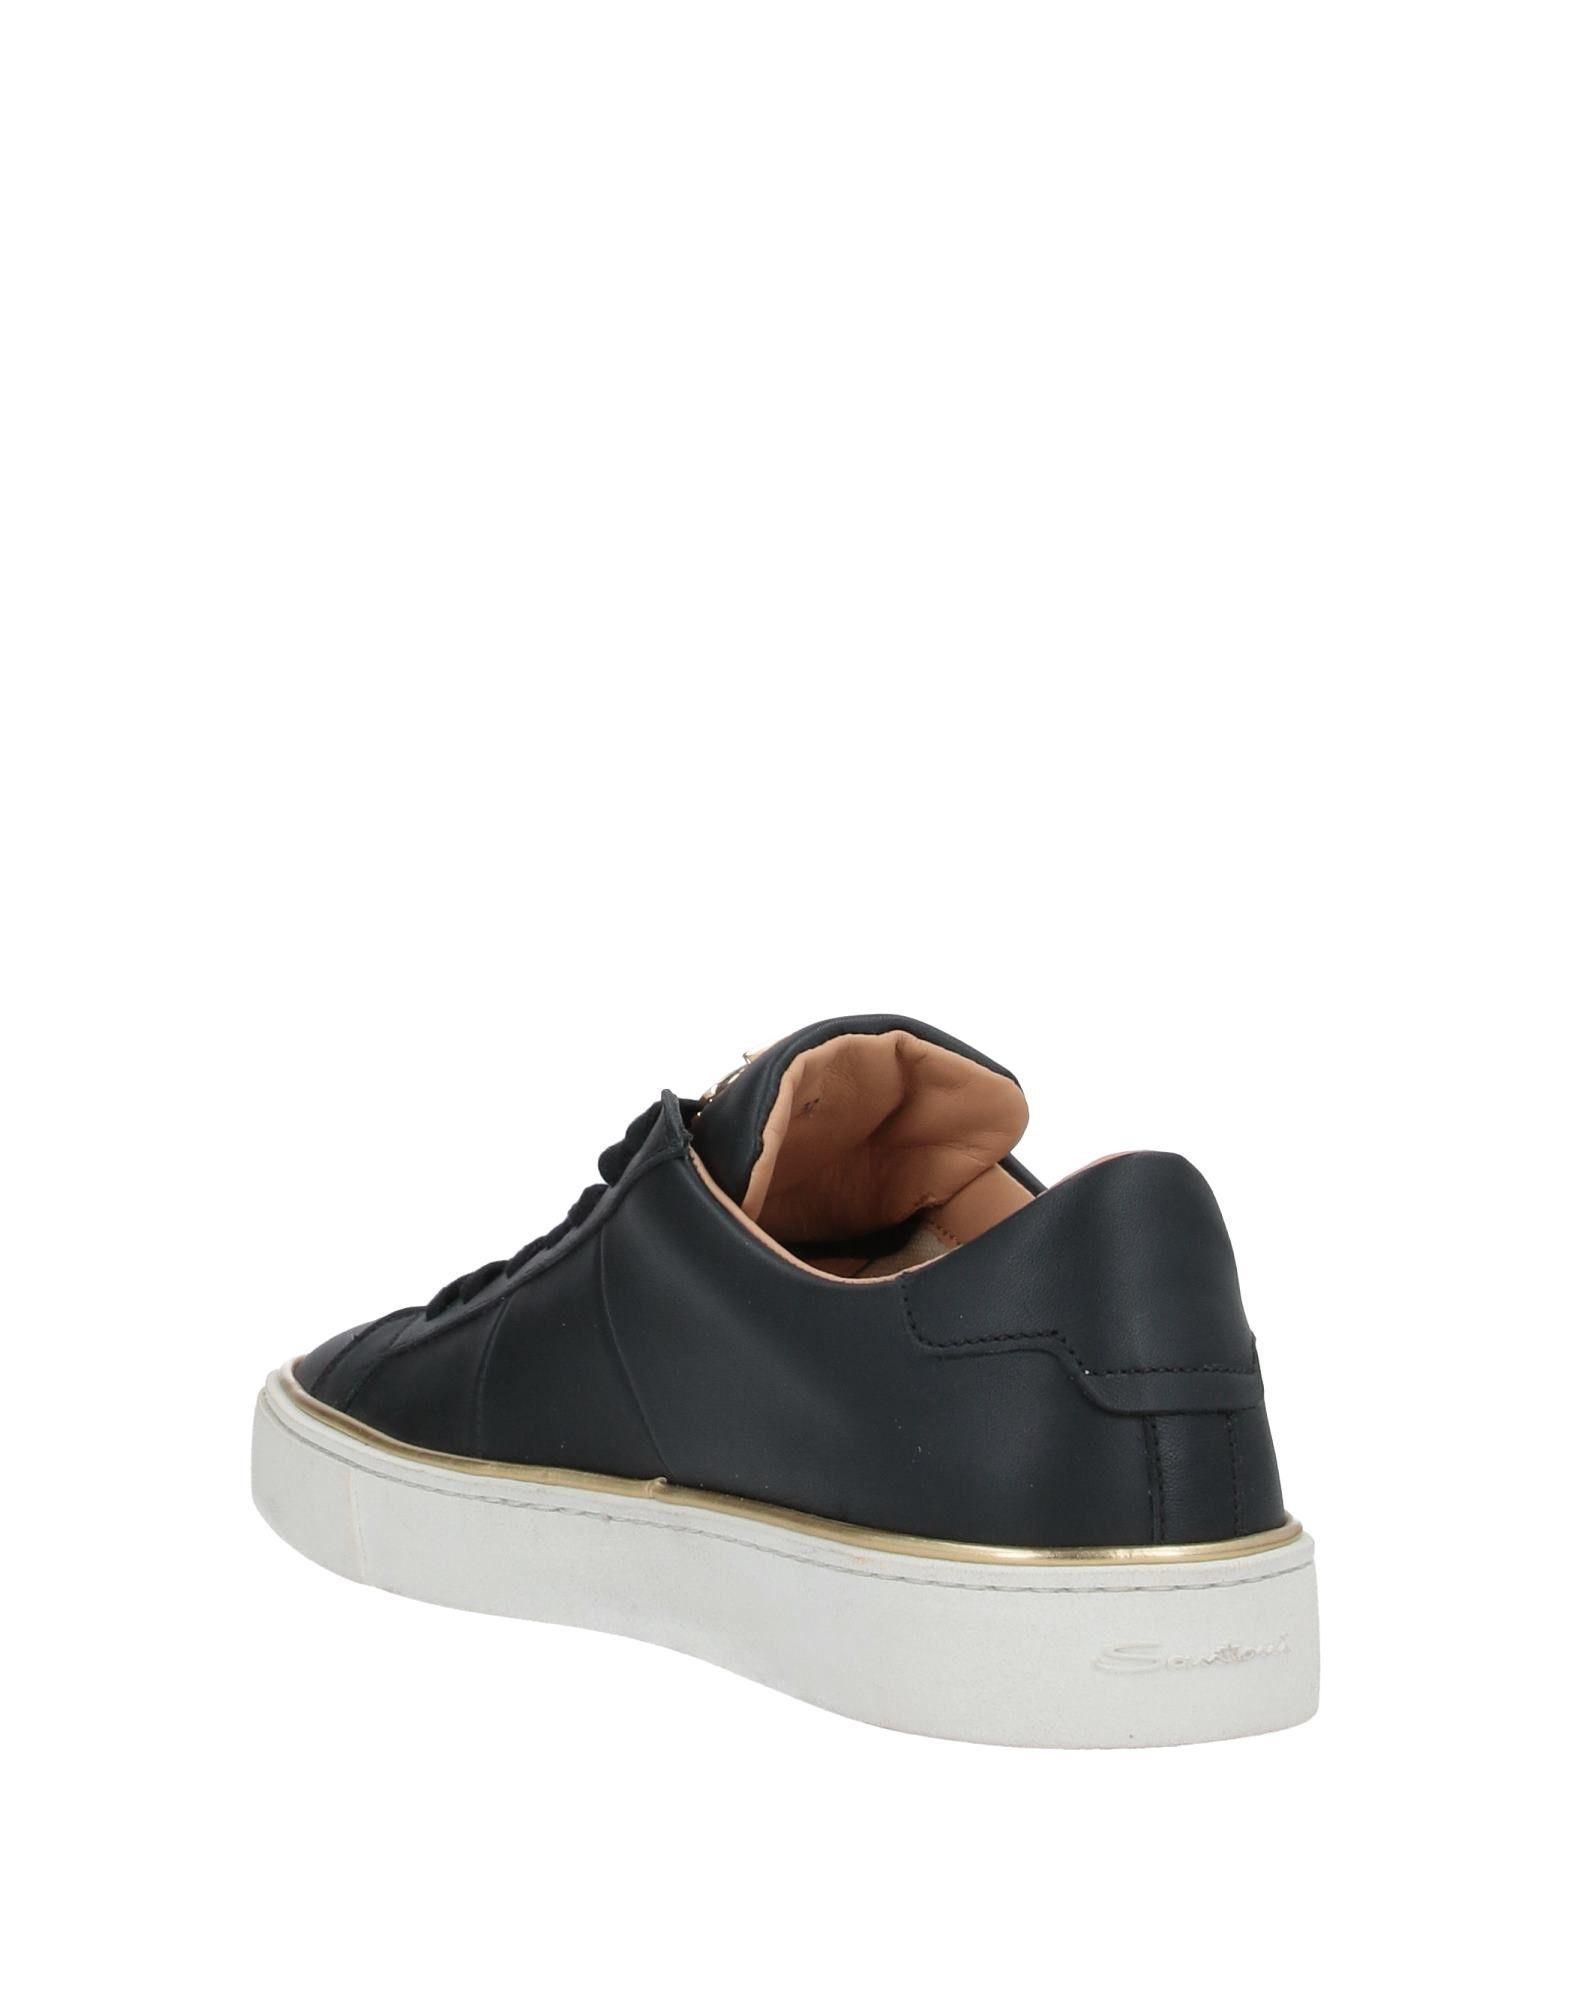 Sneakers & Deportivas Santoni de Cuero de color Negro